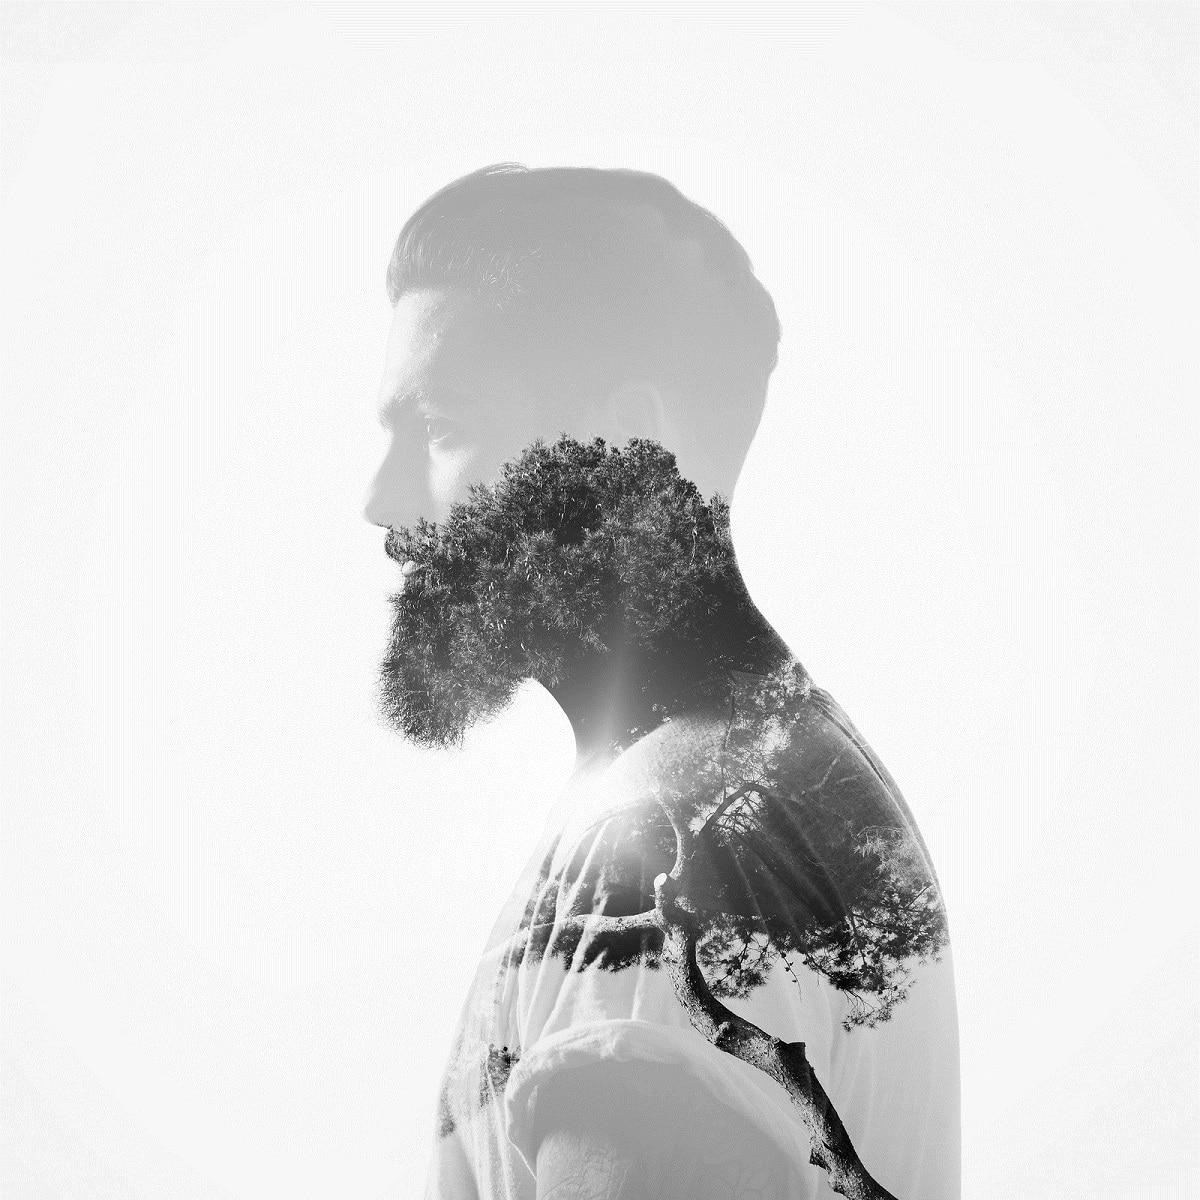 hace daño dejar crecer la barba